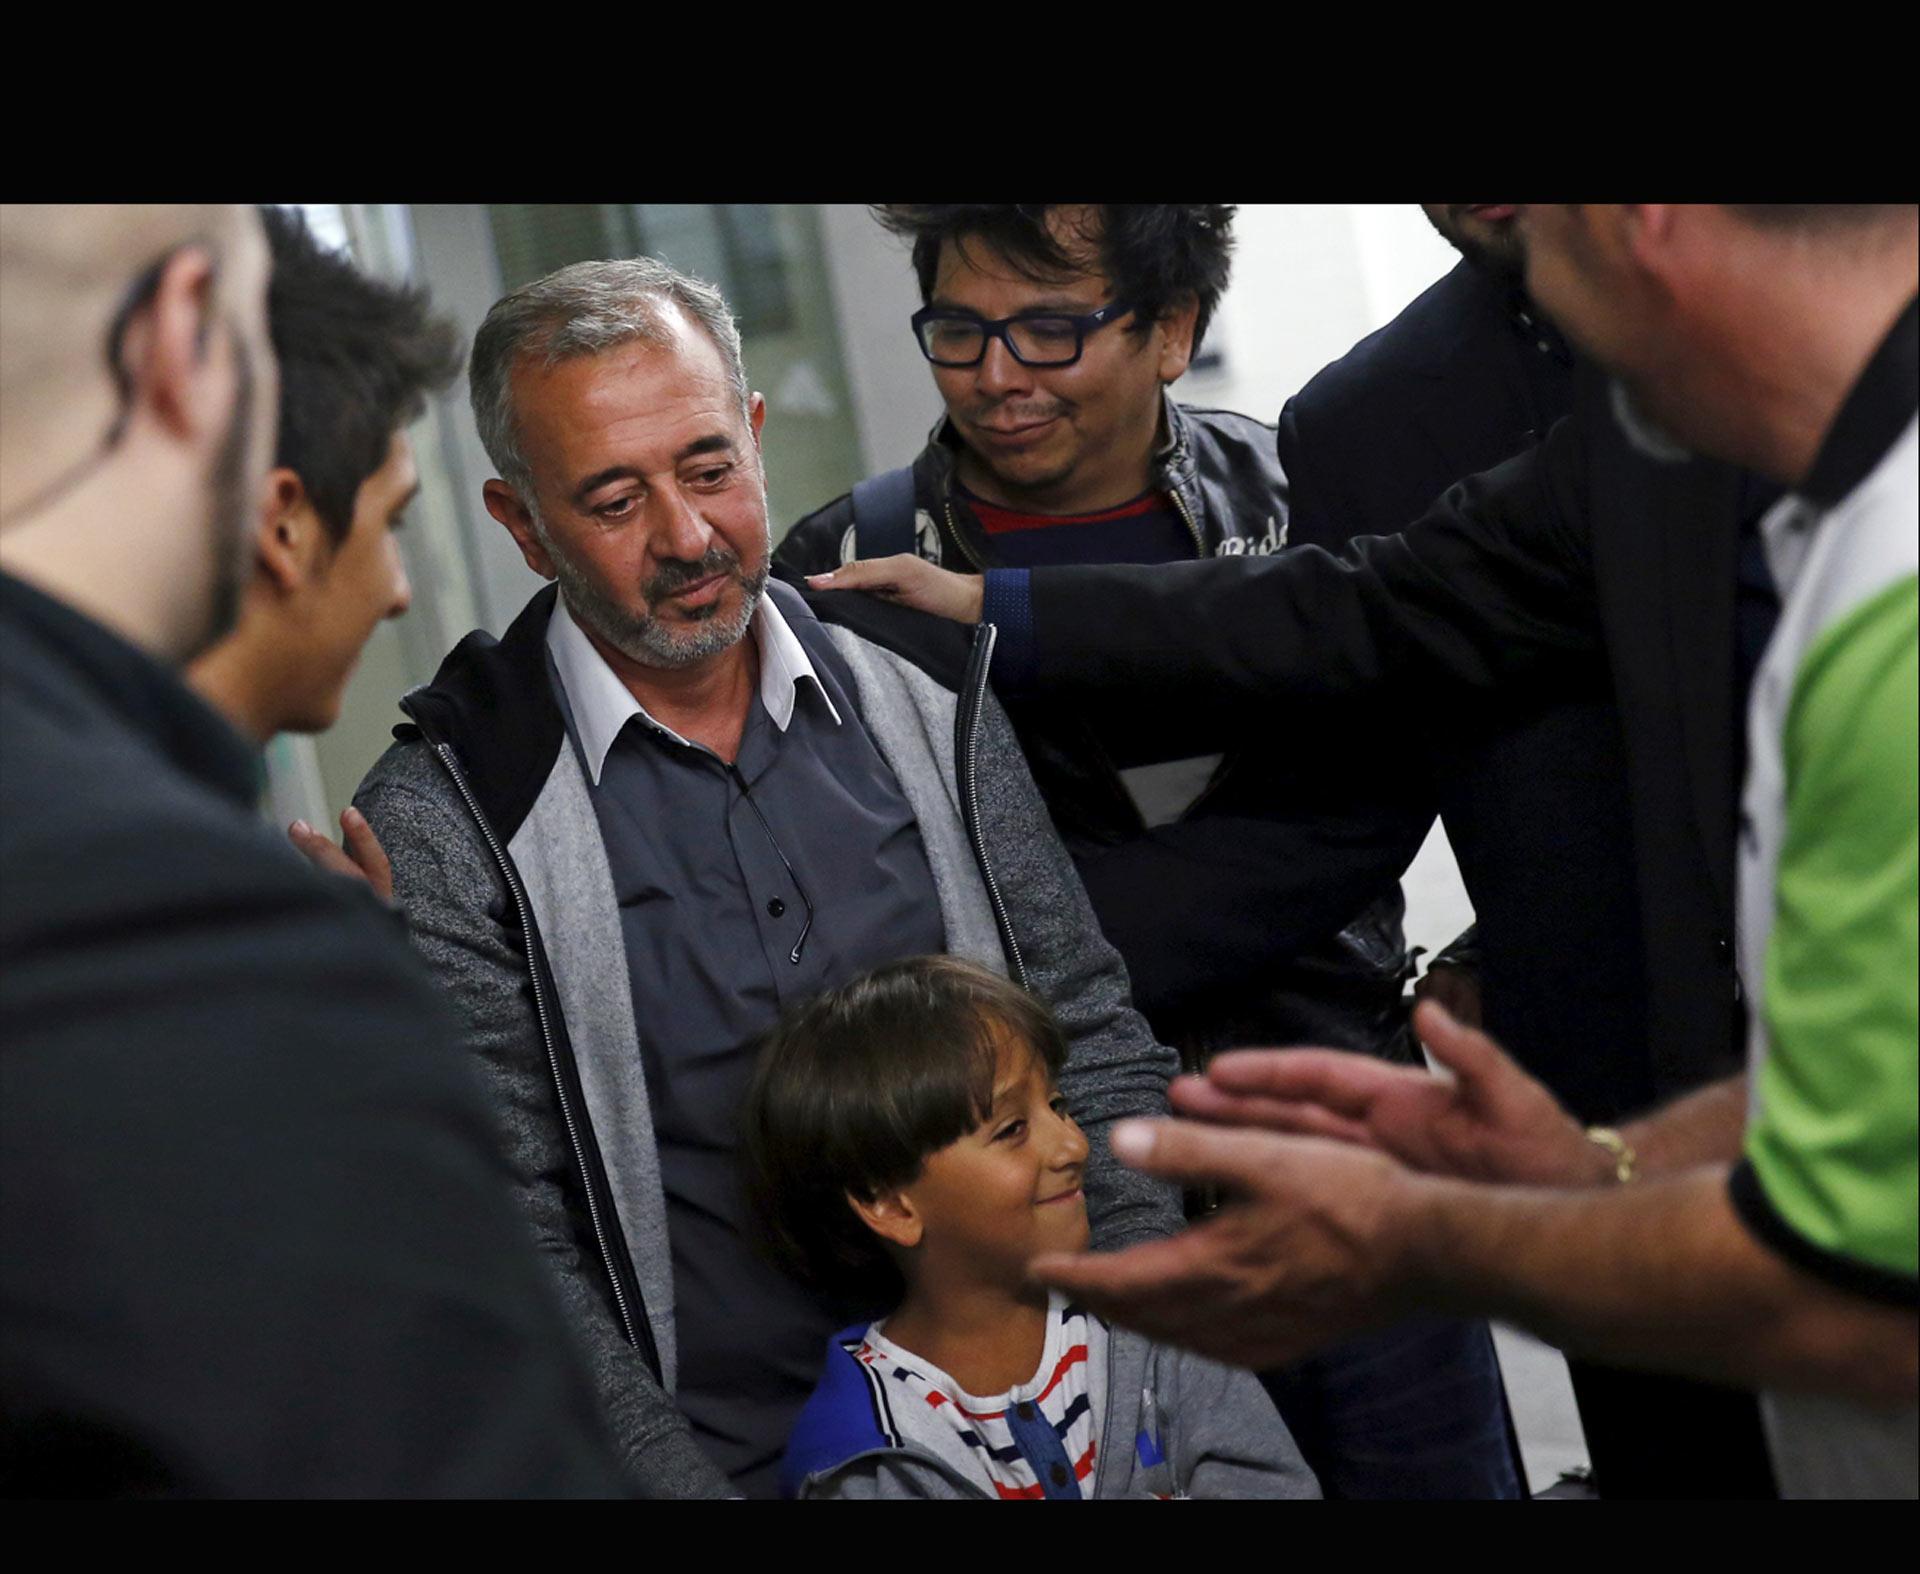 El gobierno anunció su intención de legalizar la situación en el país del refugiado cuya imagen dio la vuelta al mundo